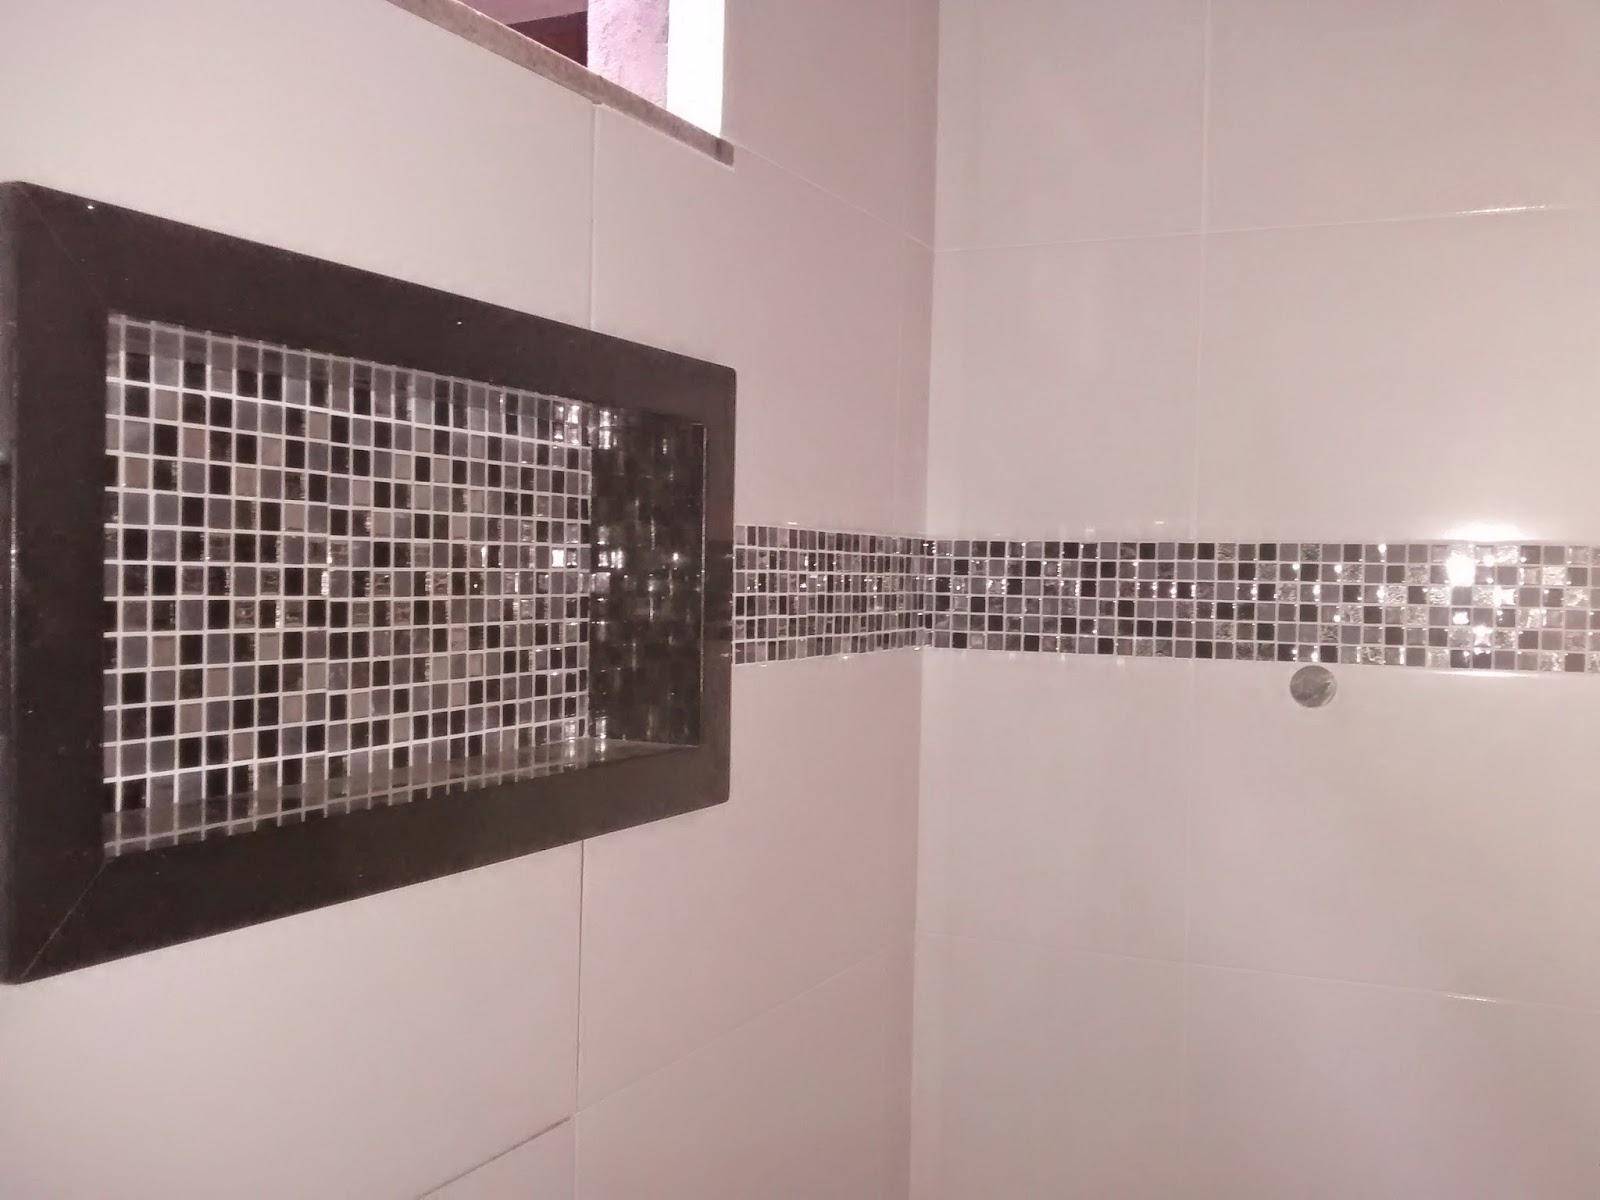 Tcharaaamm!!! E eis aqui o nicho do banheiro social já instalado! #795952 1600 1200